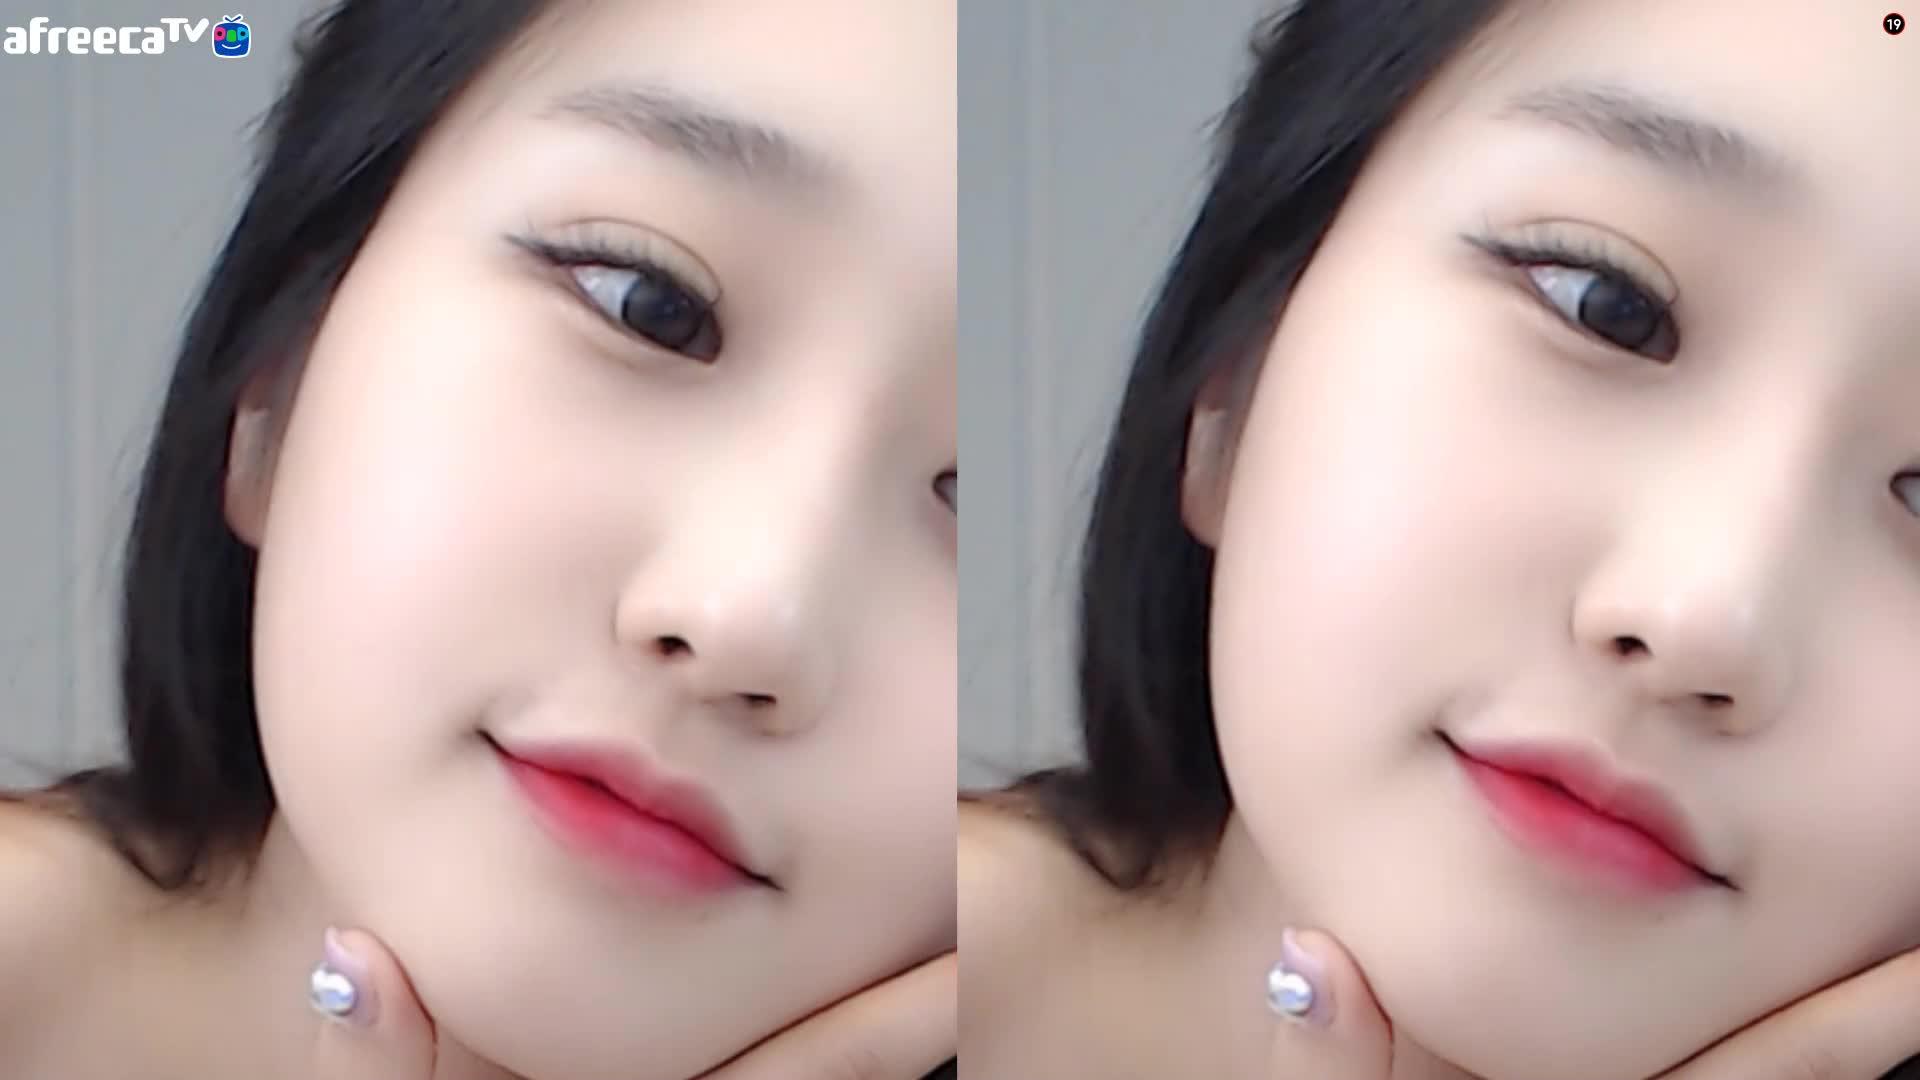 afchinatvBJ徐雅